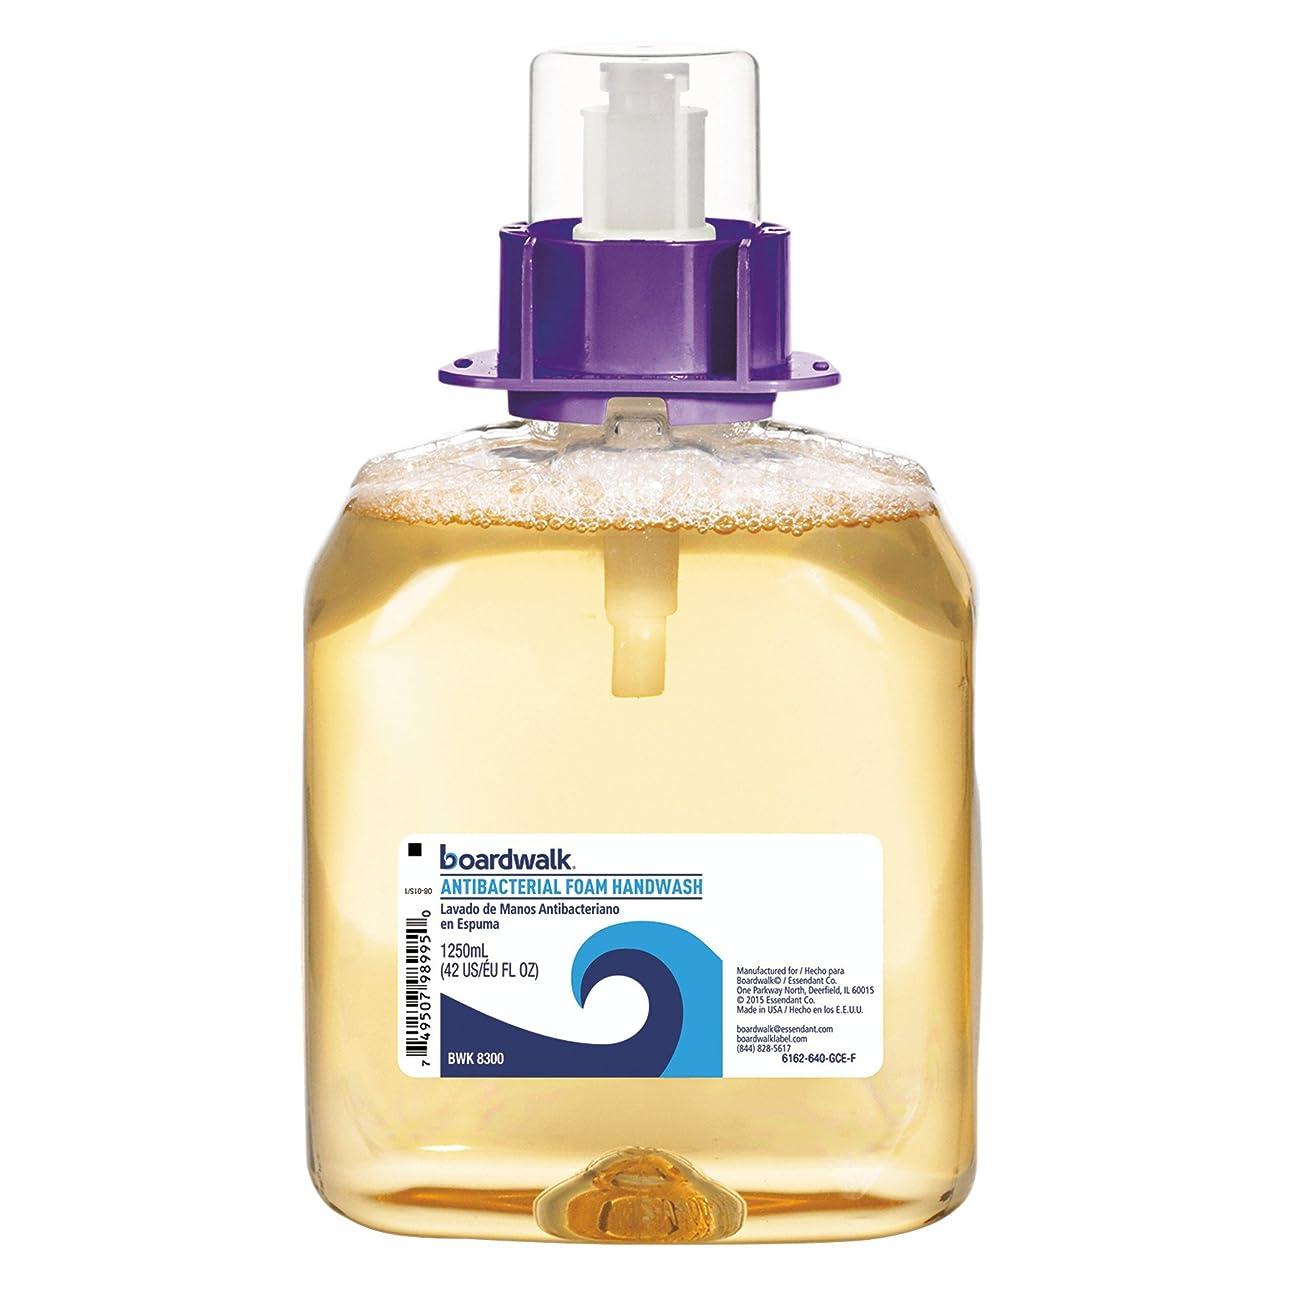 影響力のある教える彼女自身Foam Antibacterial Handwash, Sweet Pea, 1250ml Refill, 4 per Carton (並行輸入品)